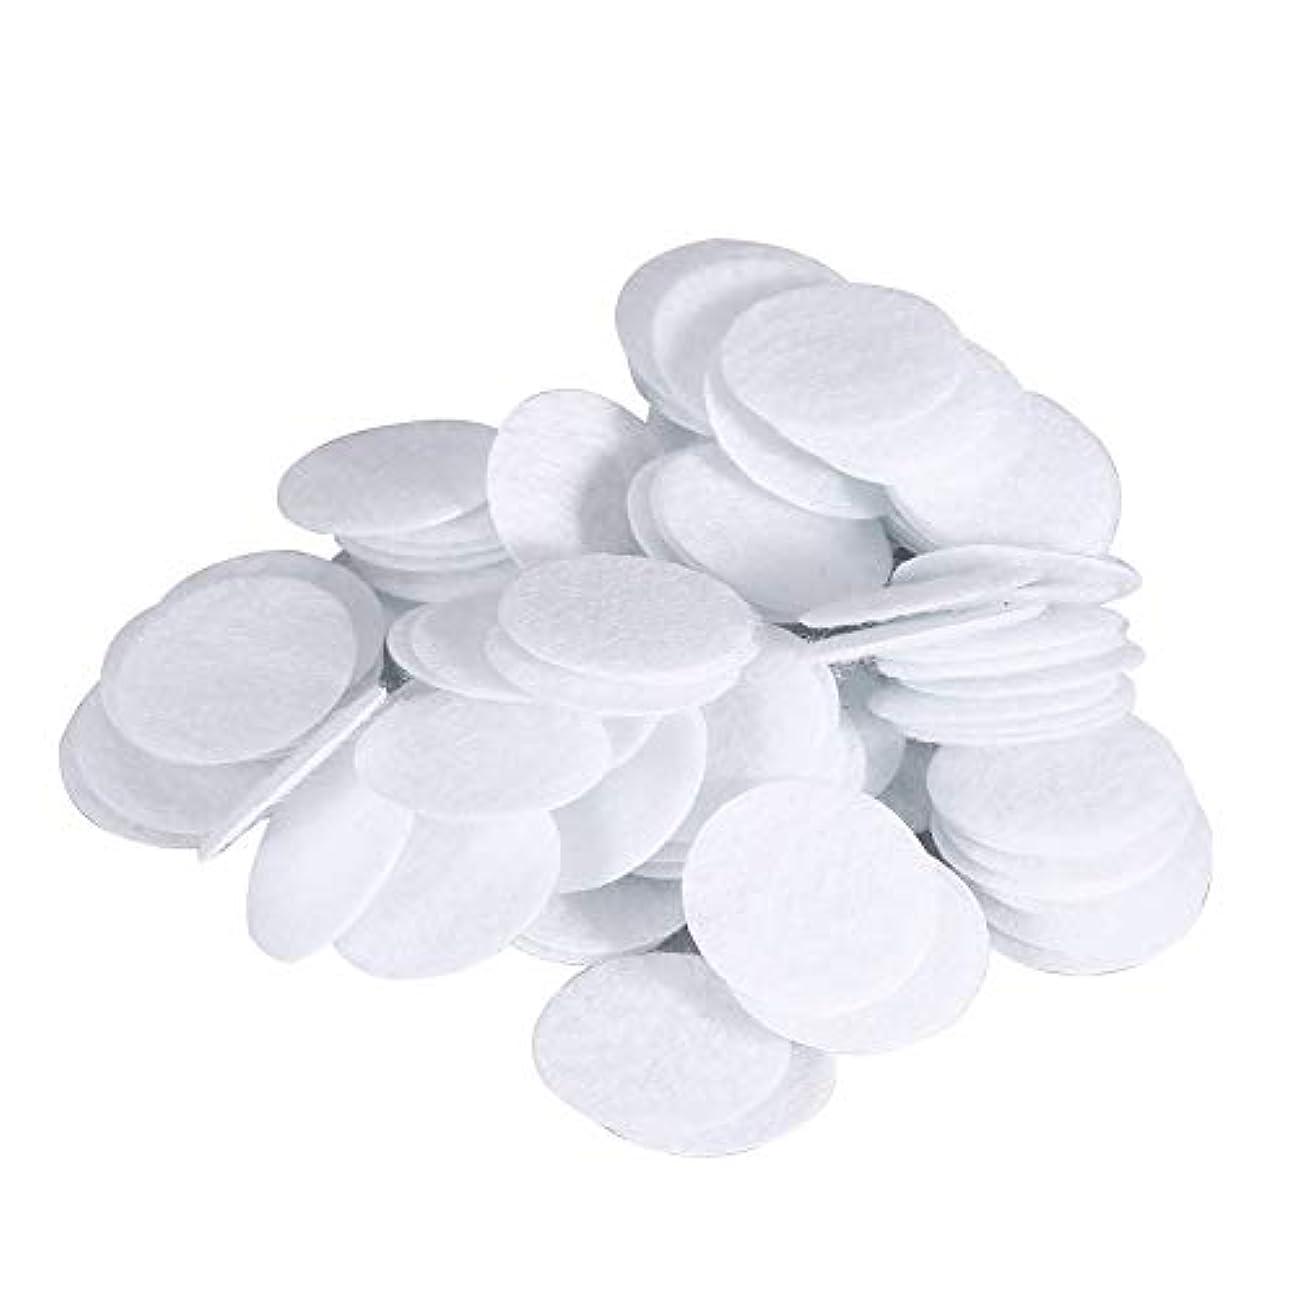 歪めるピンクる綿フィルターパッド にきび除去美容機用 100個 コットン 20mm